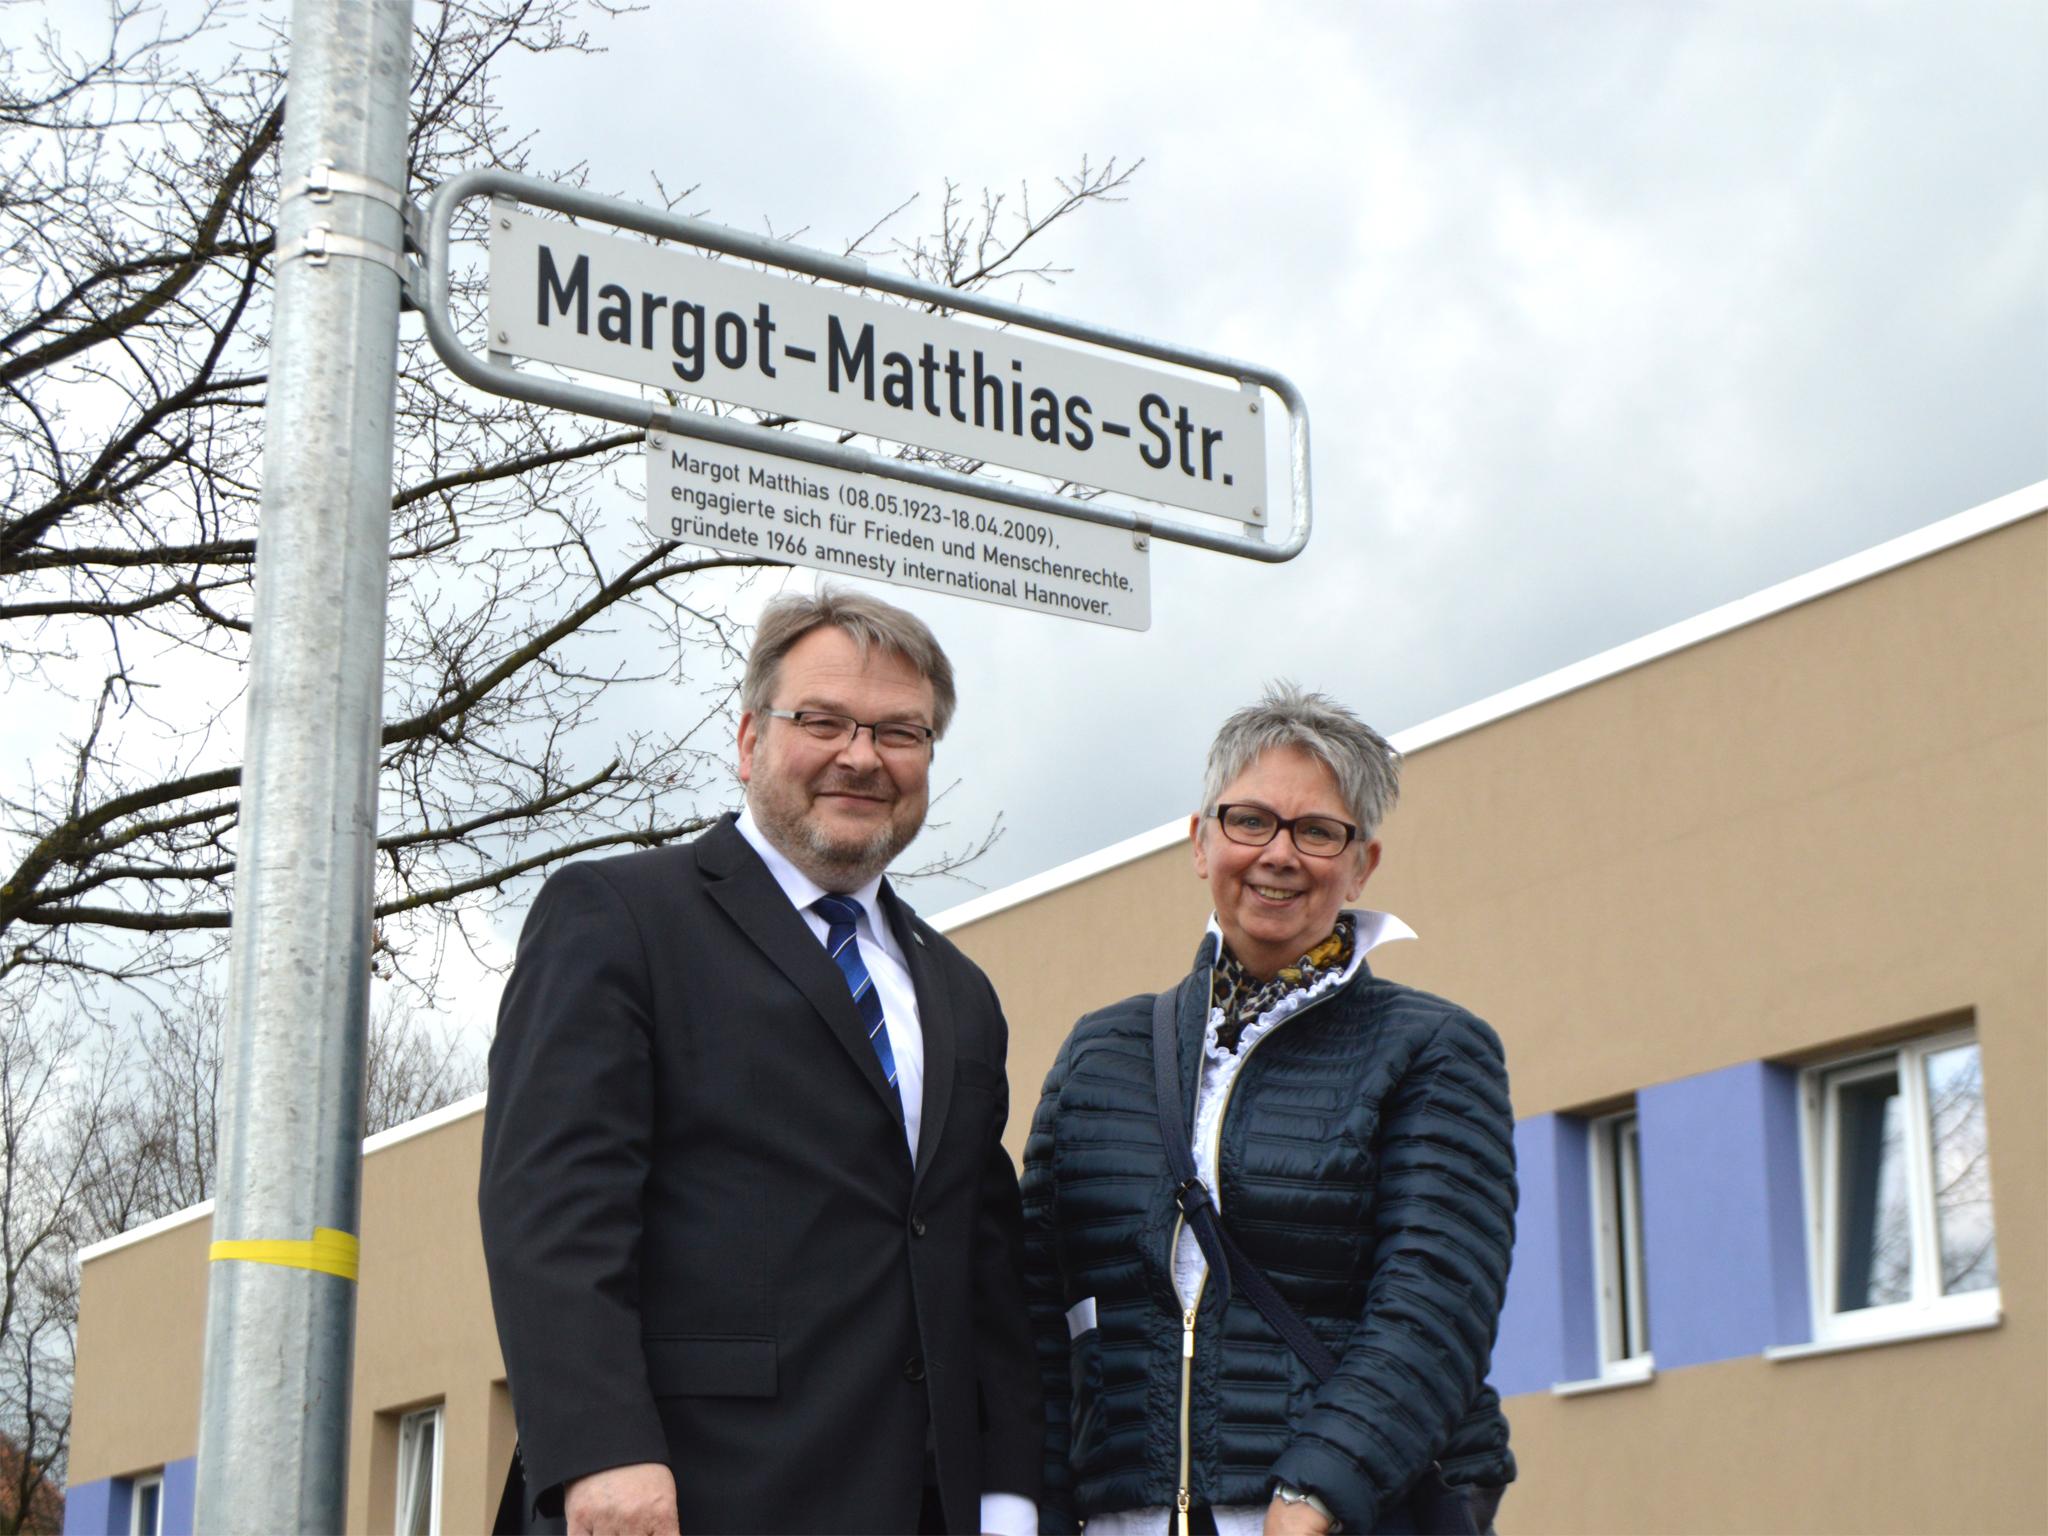 Bürgermeister Thomas Hermann und Bezirksbürgermeisterin des Stadtbezirkes Ahlem-Badenstedt-Davenstedt, Frau Brigitte Schlienkamp enthüllen das neue Straßenschild.